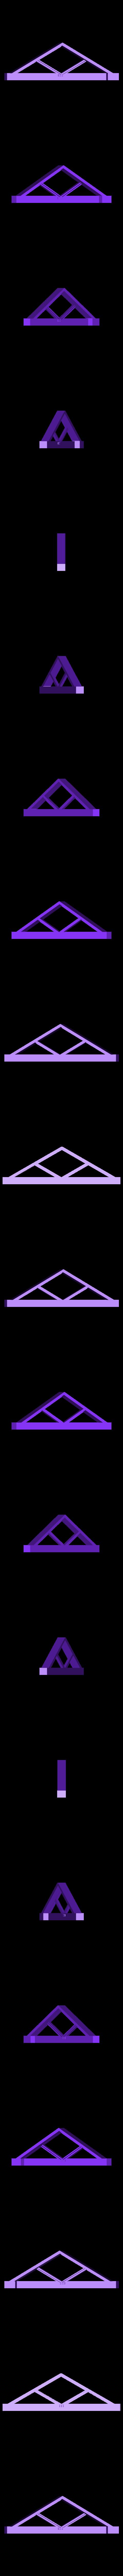 roof_truss1a.stl Télécharger fichier STL gratuit Ripper's London - The (Modular) Factory • Modèle pour imprimante 3D, Earsling